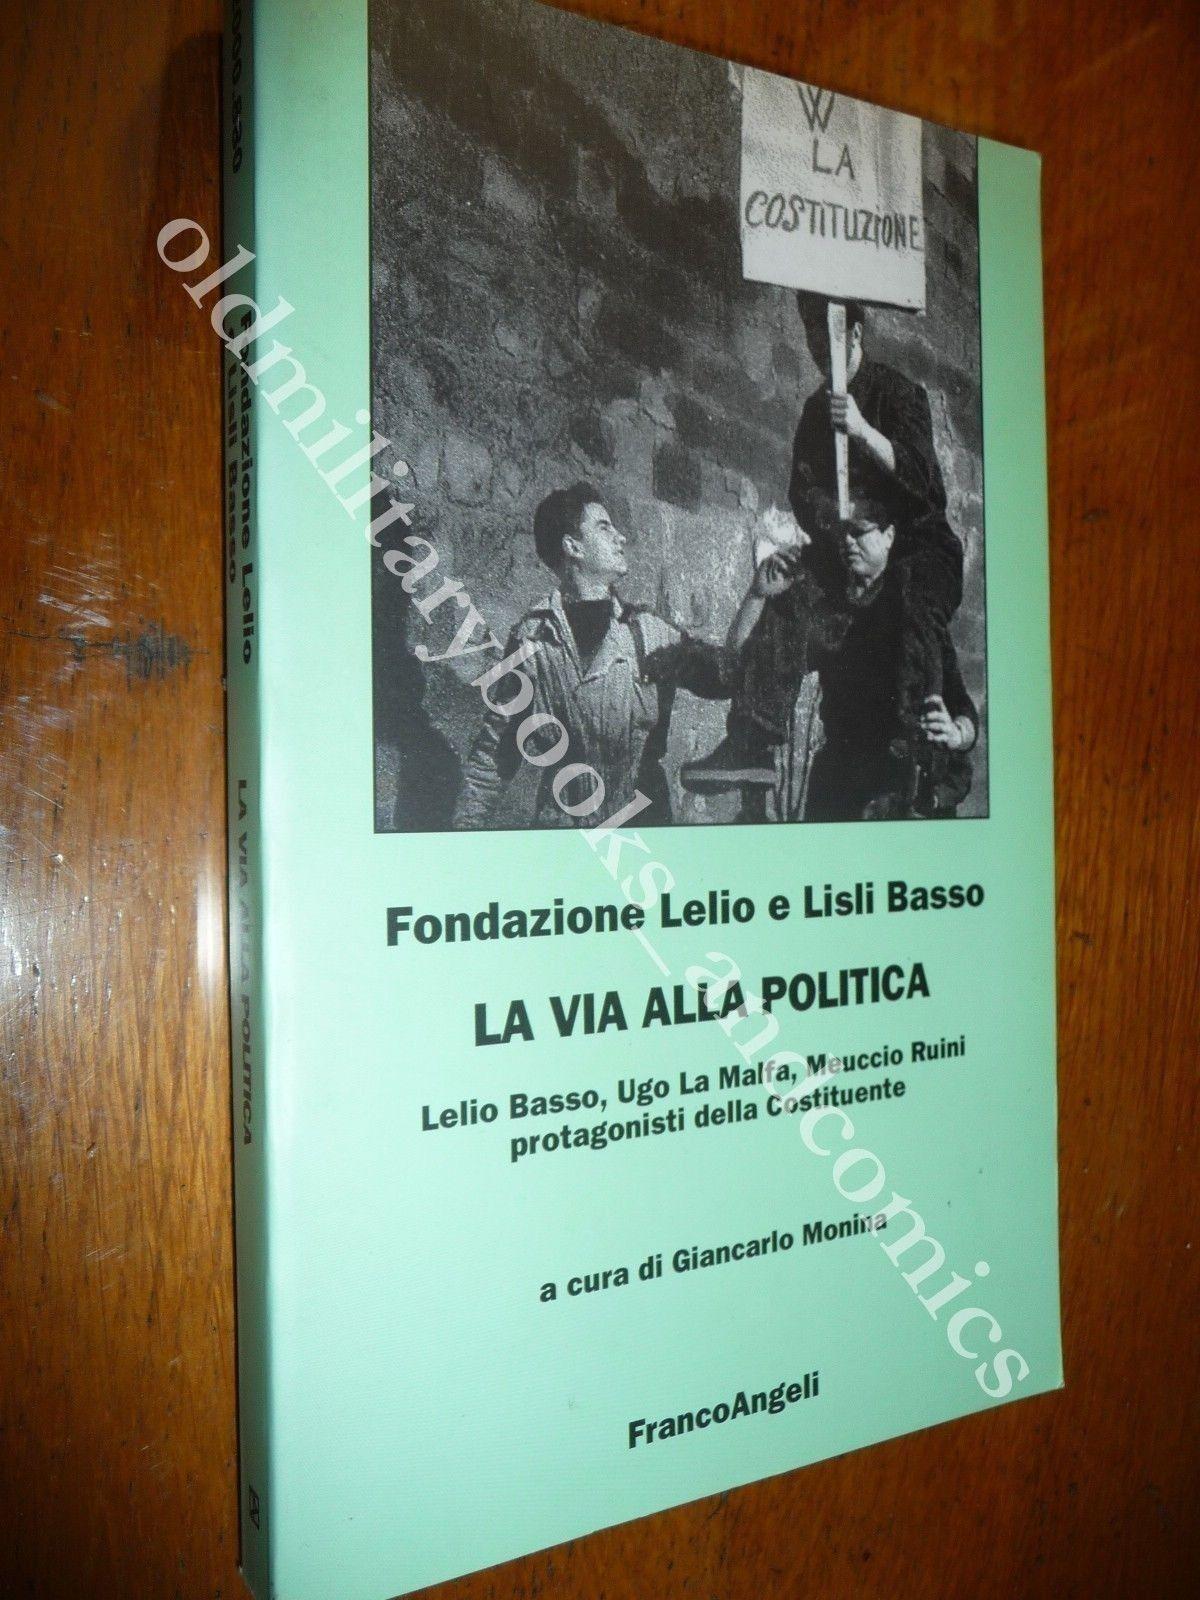 LA VIA ALLA POLITICA BASSO UGO LA MALFA RUINI PROTAGONISTI DELLA COSTITUENTE